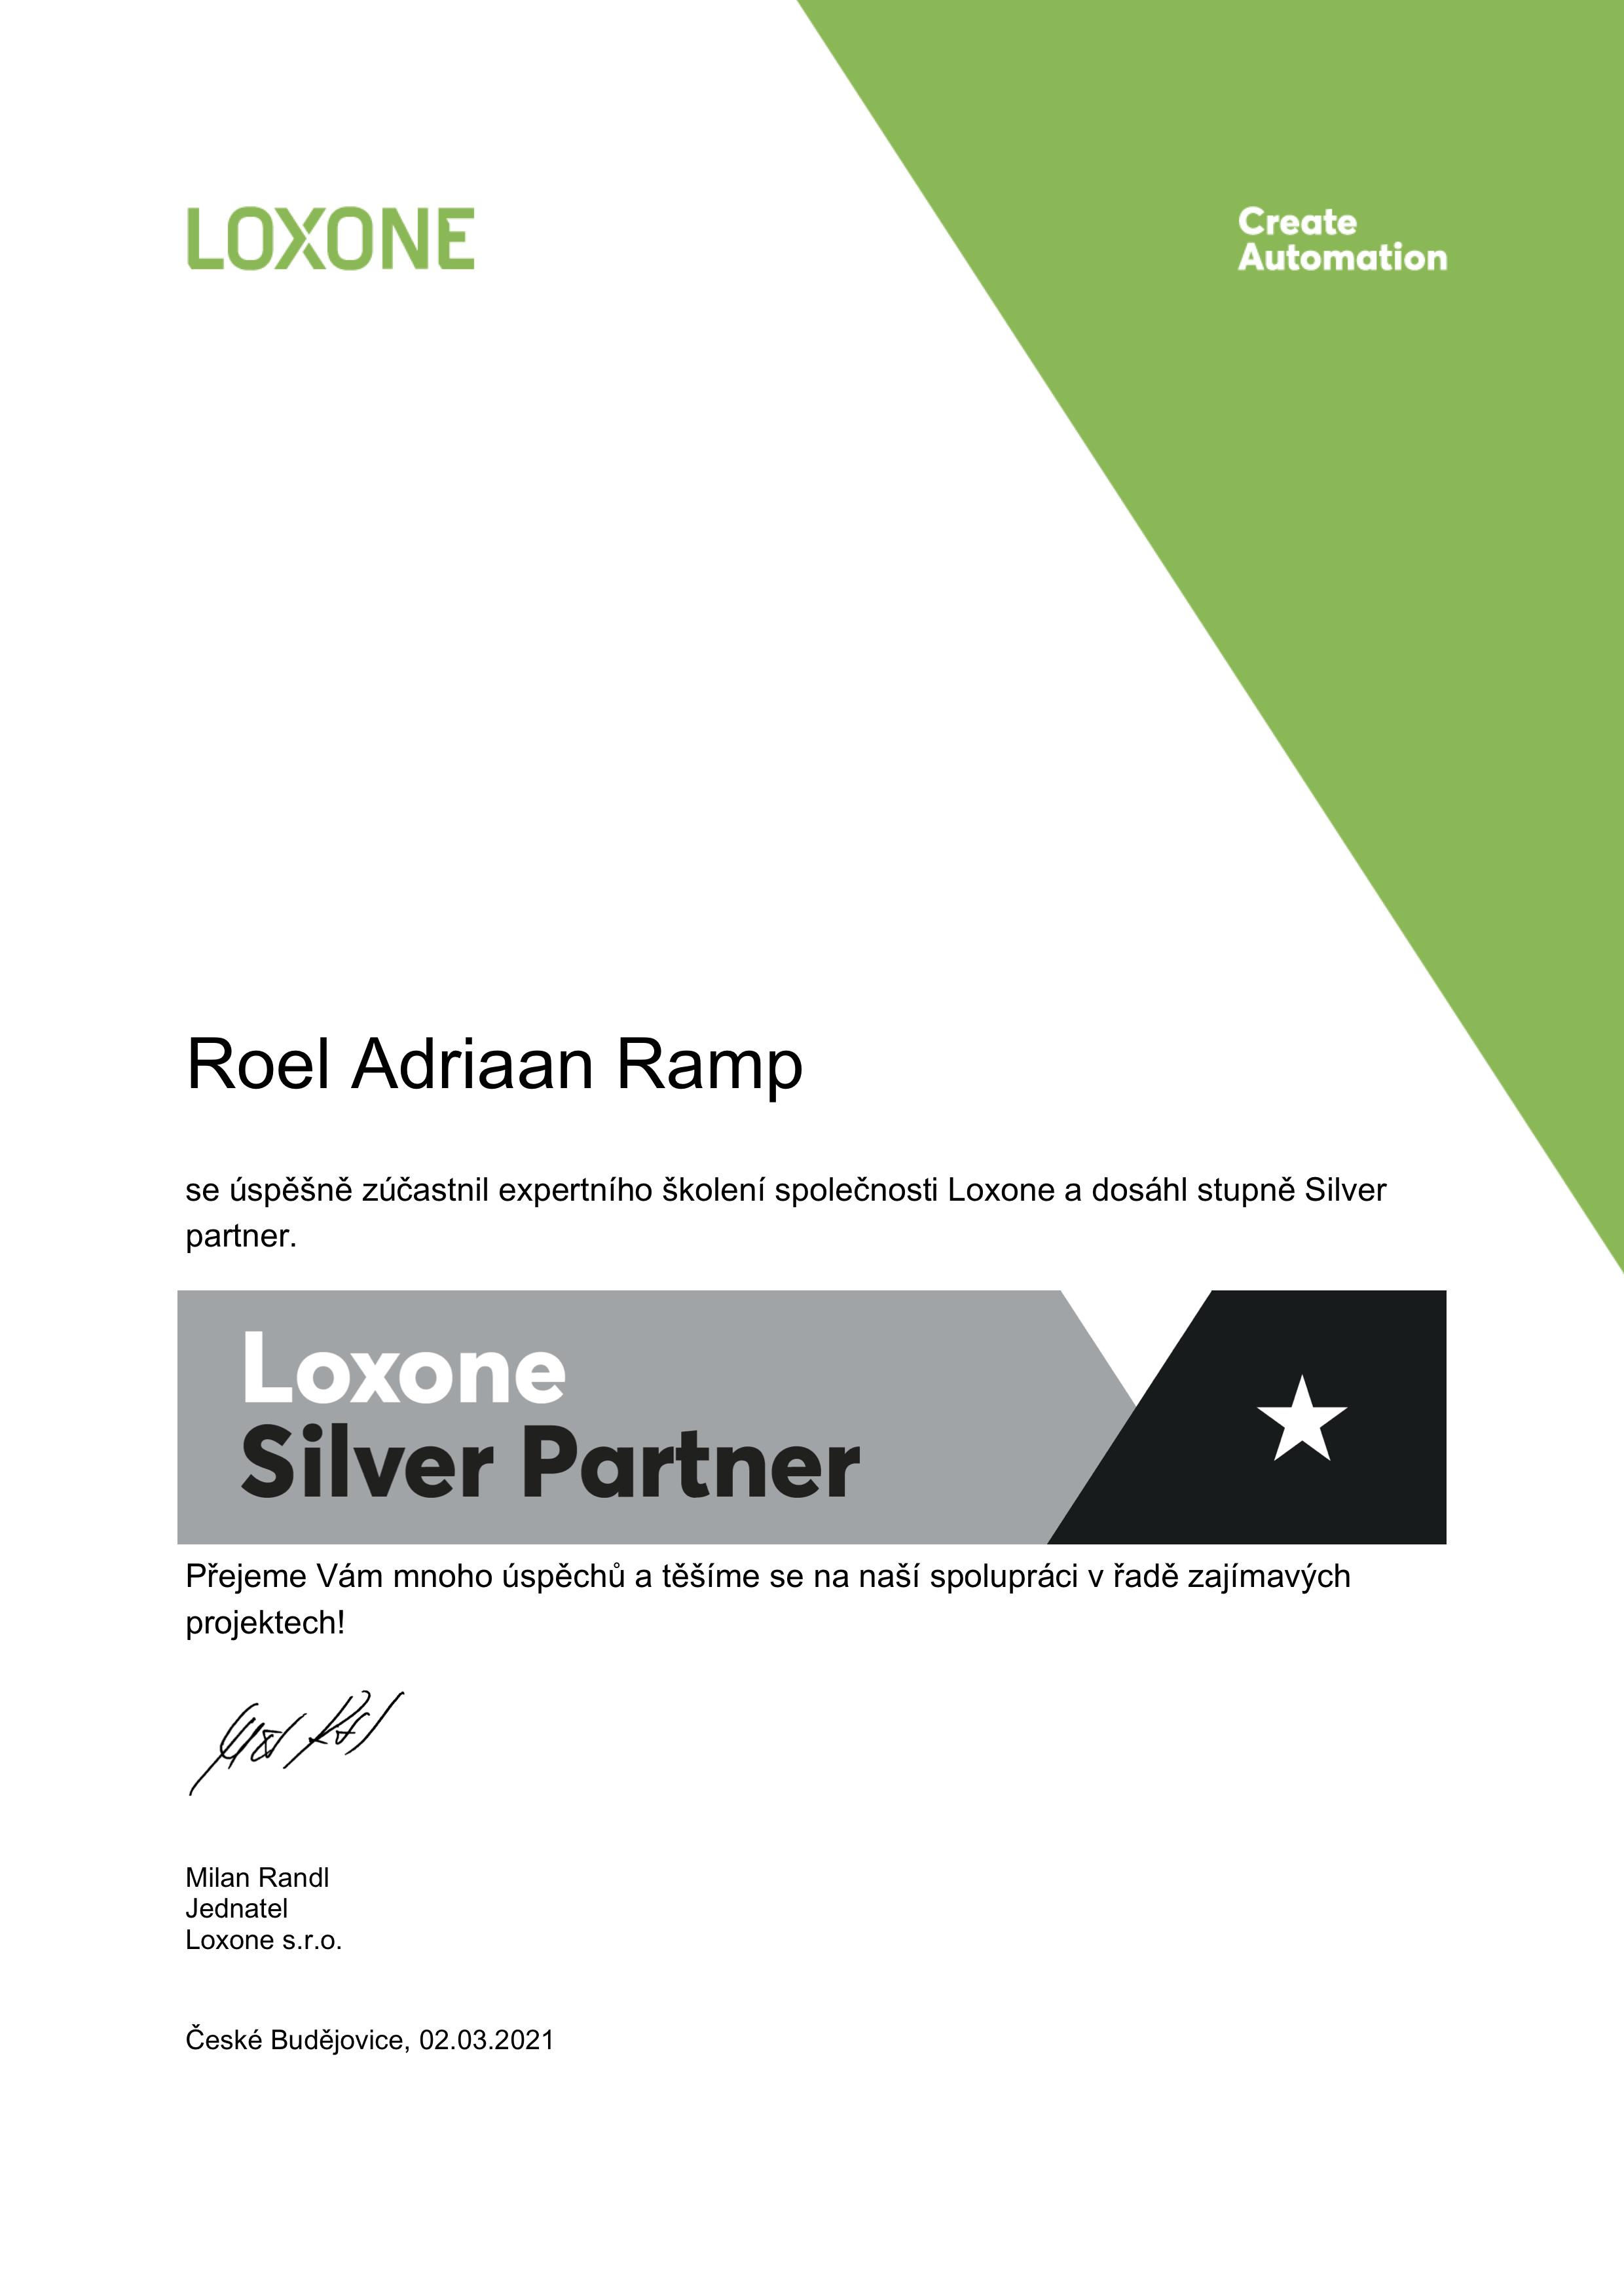 Naše společnost se stala Loxone Silver partnerem